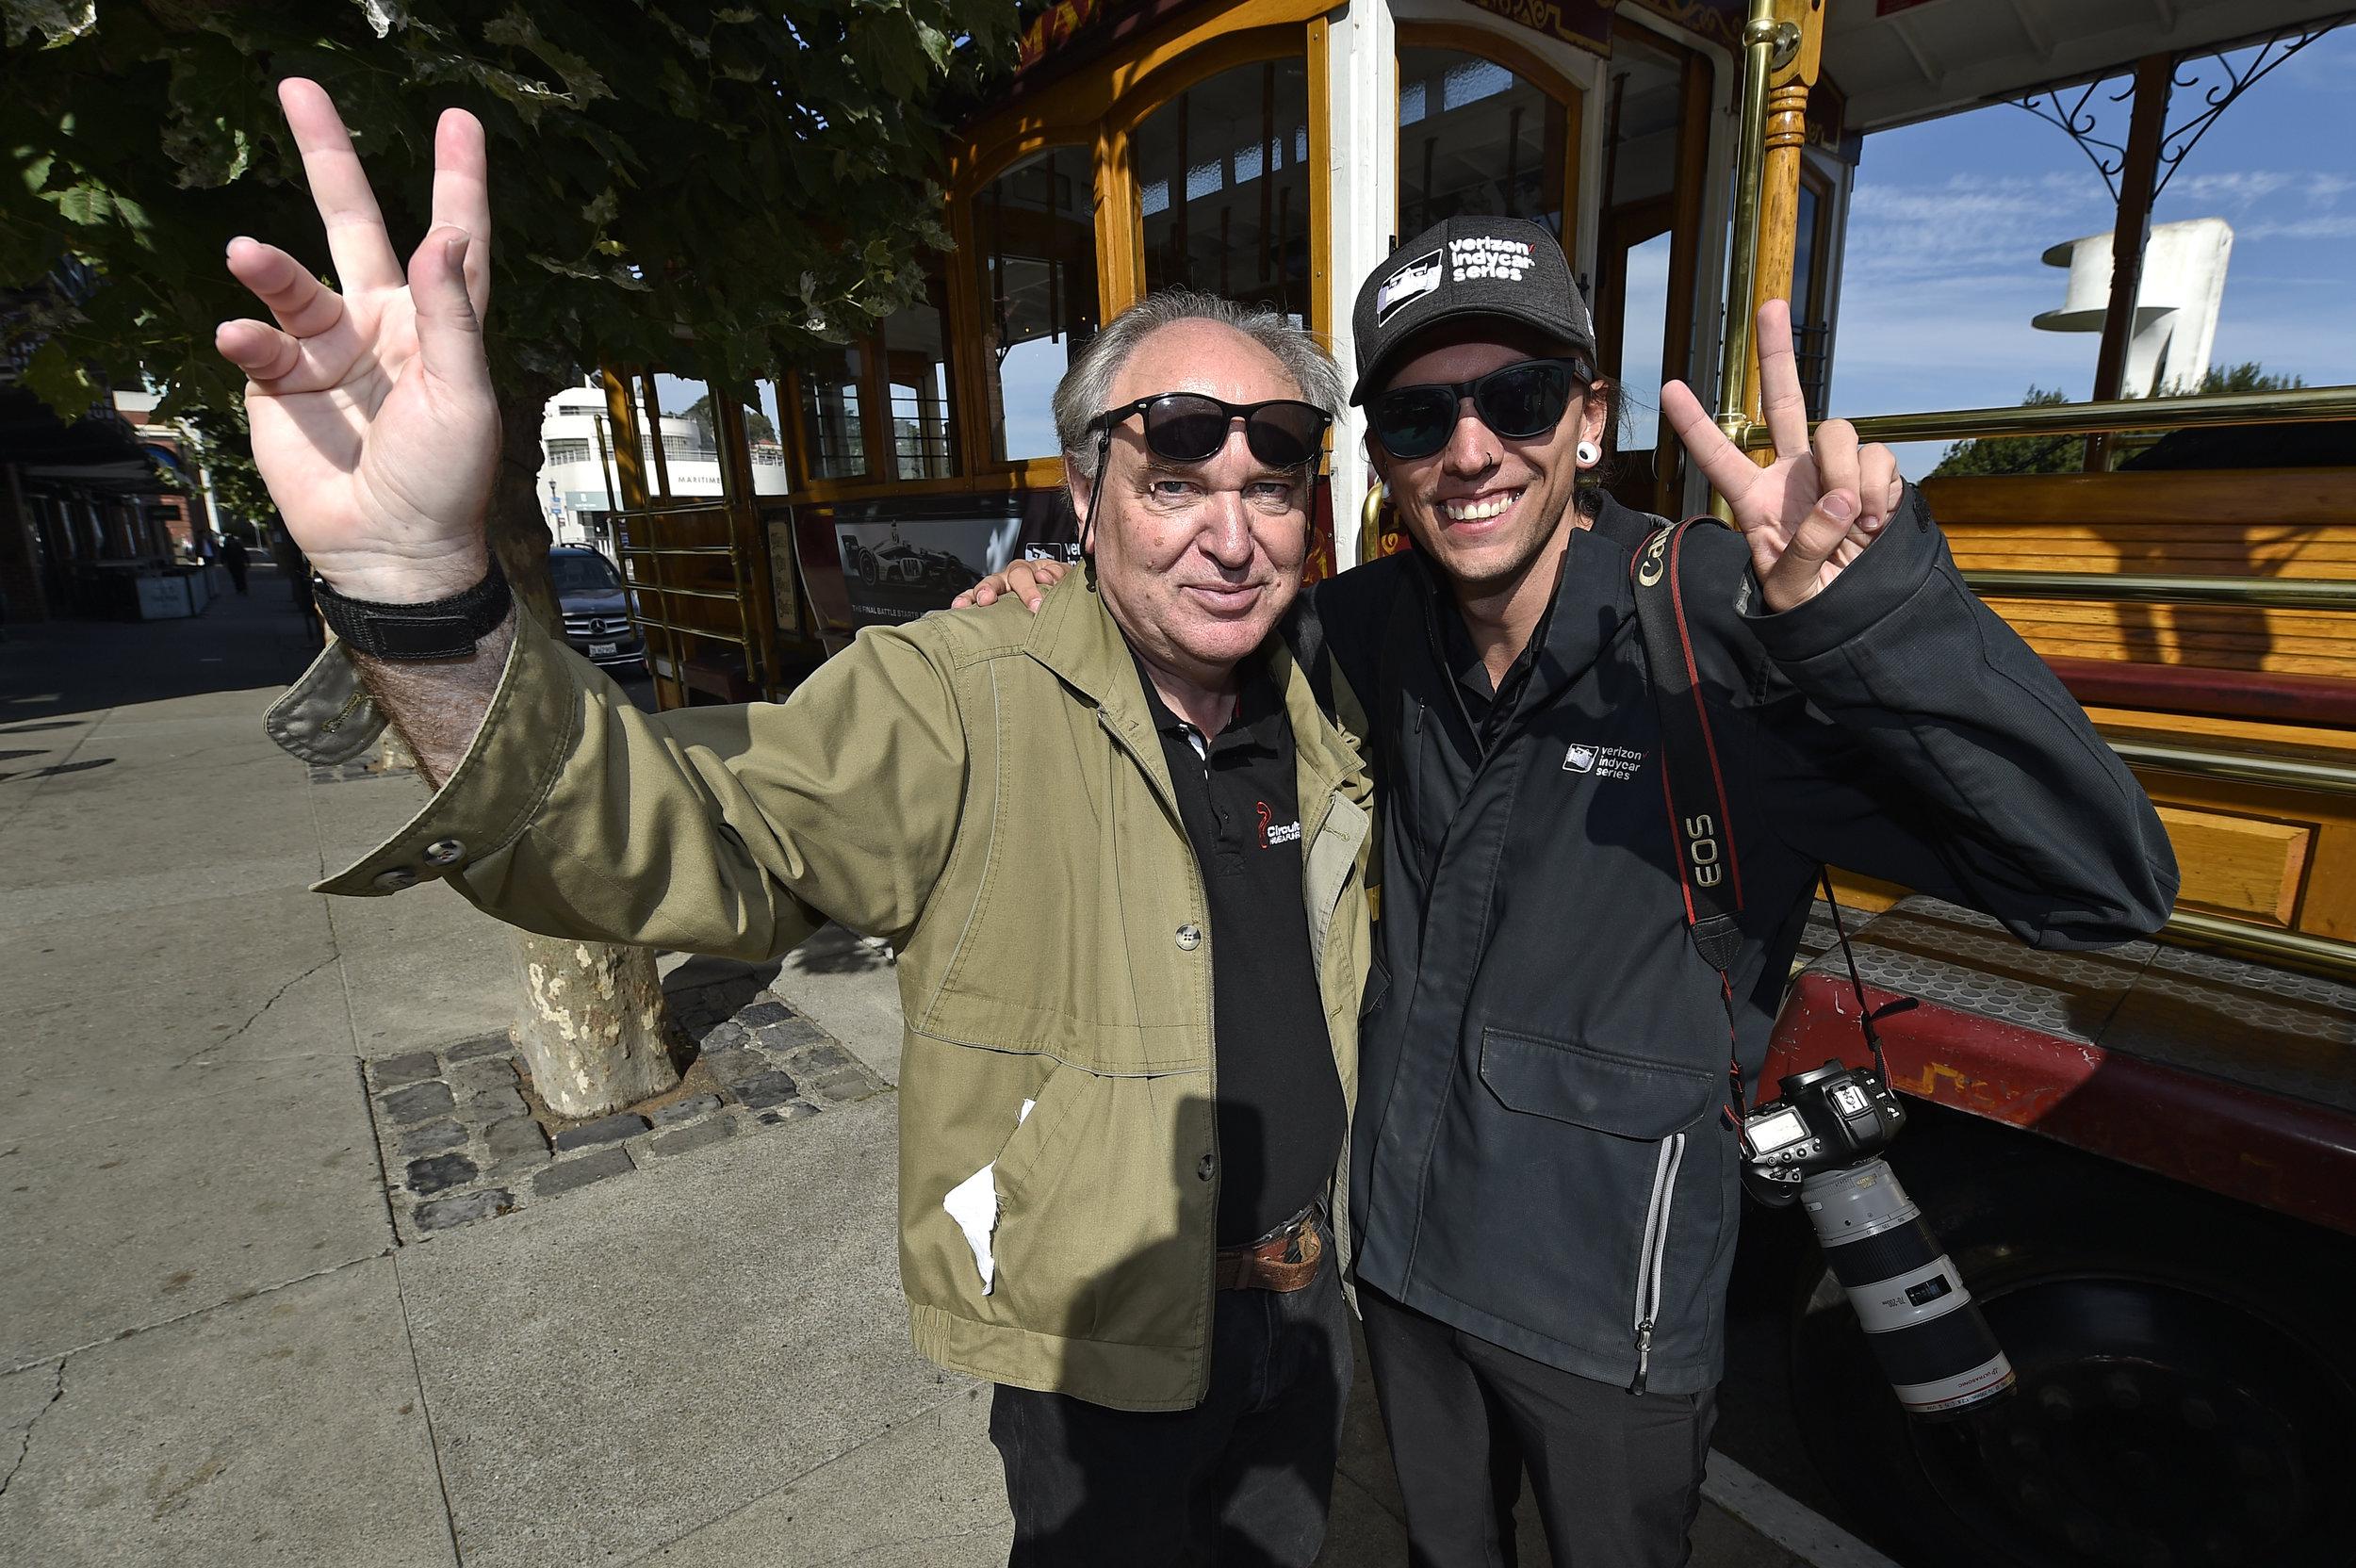 Wolfgang & Joe - Shot with Nikon D4S - San Francisco, CA (Fisherman's Wharf)